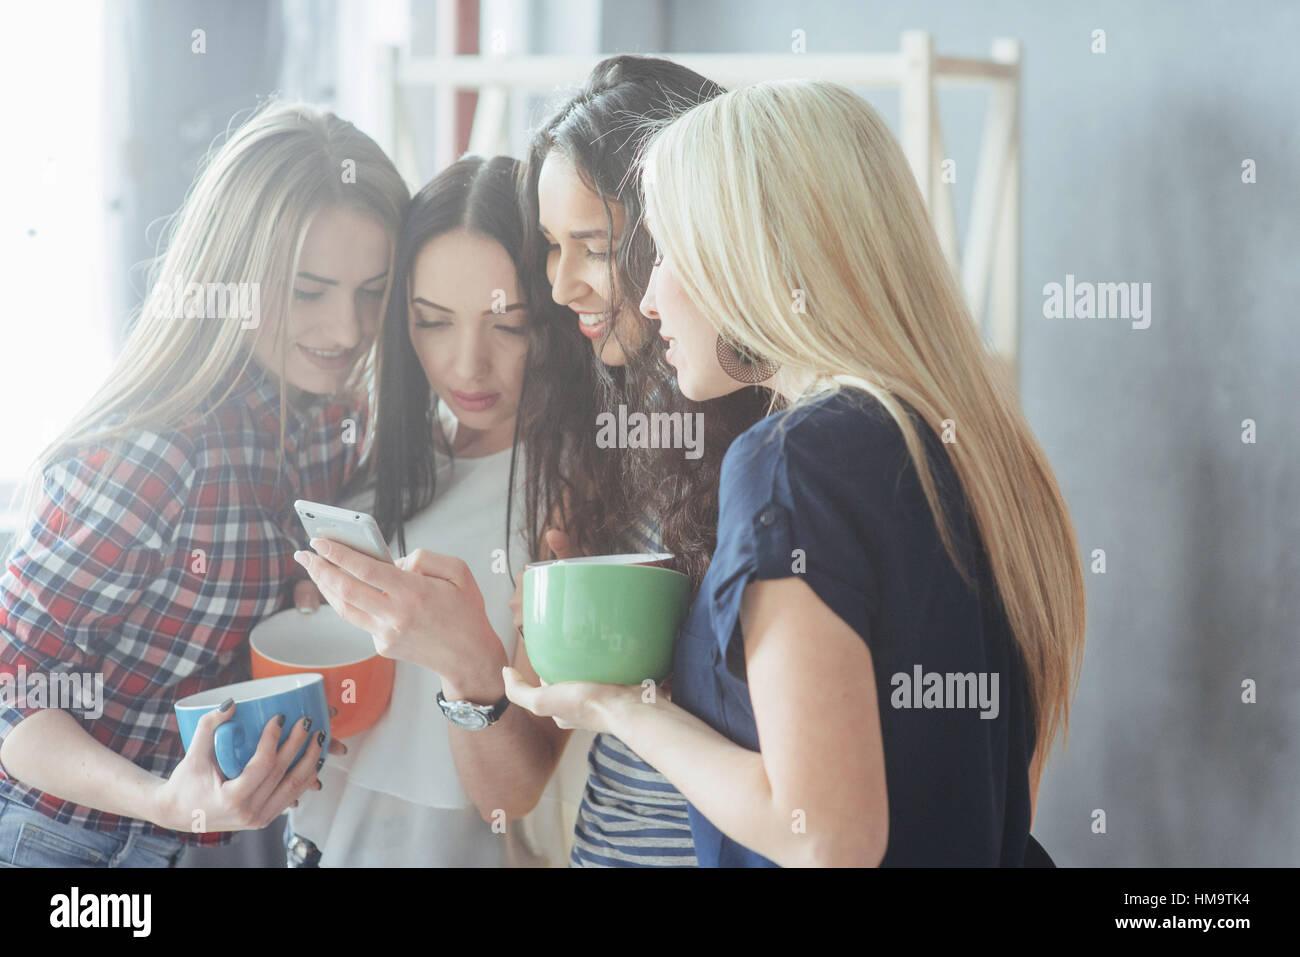 Gruppe schöne junge Menschen genießen im Gespräch und Kaffee trinken, am besten Freunde Girls zusammen Stockbild